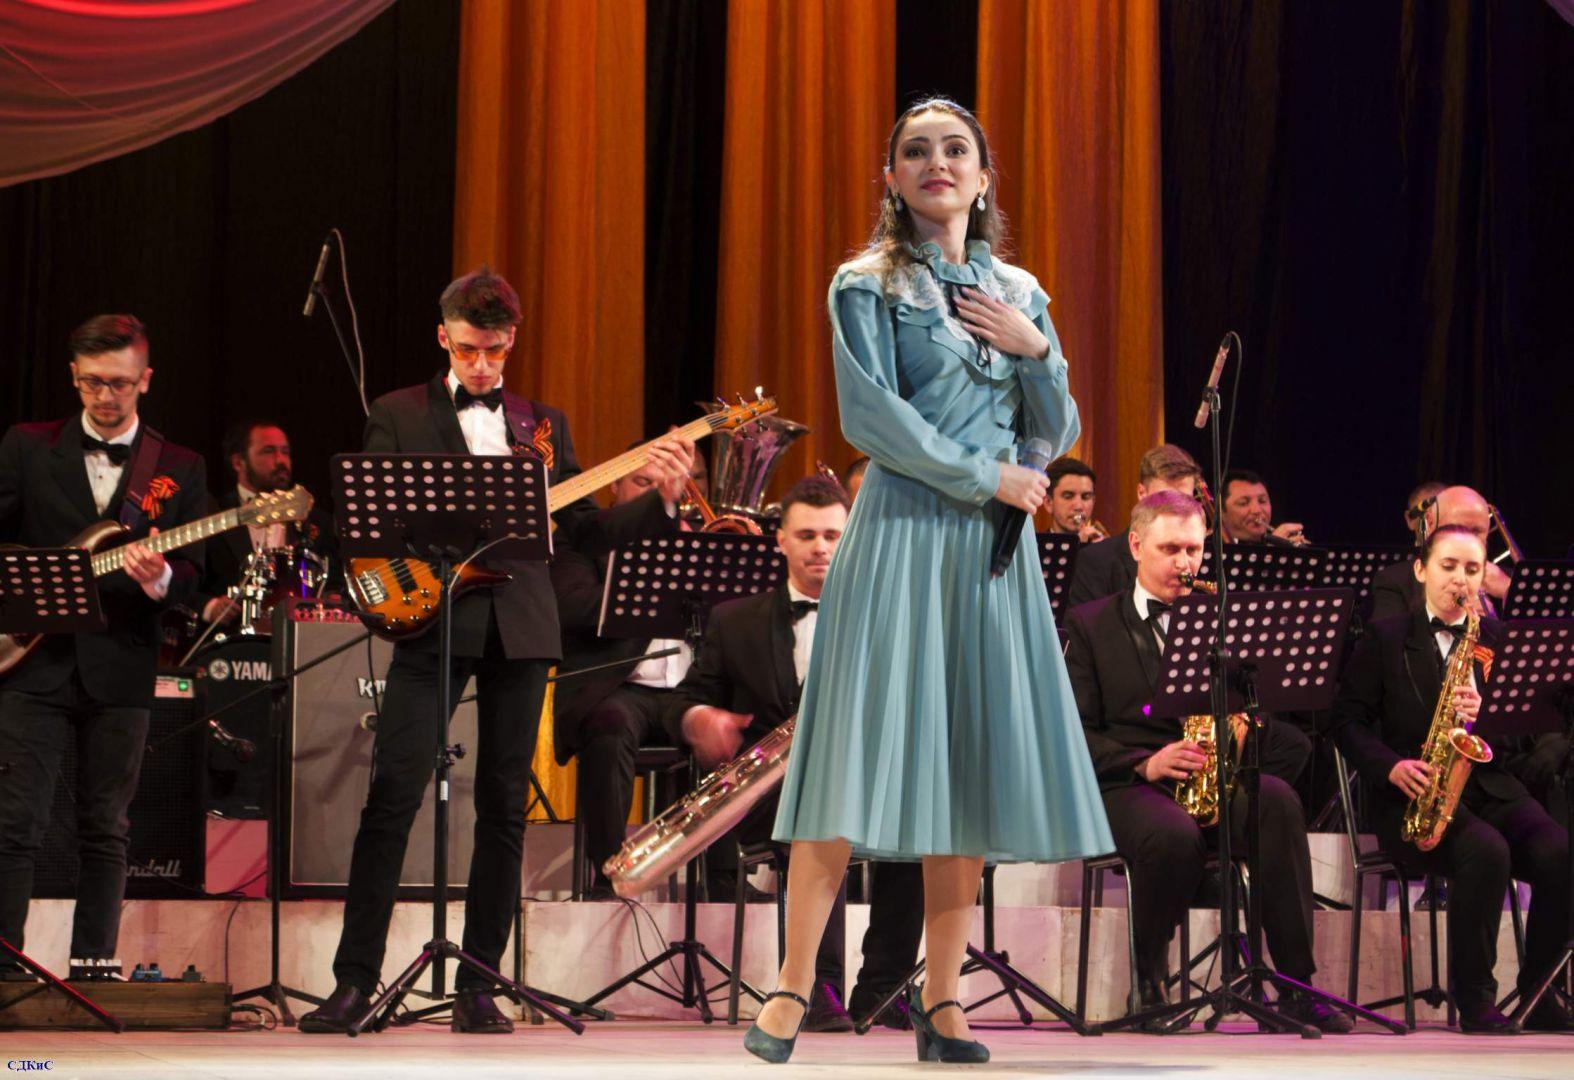 Майские мелодии прозвучали в исполнении оркестра в Ставрополе